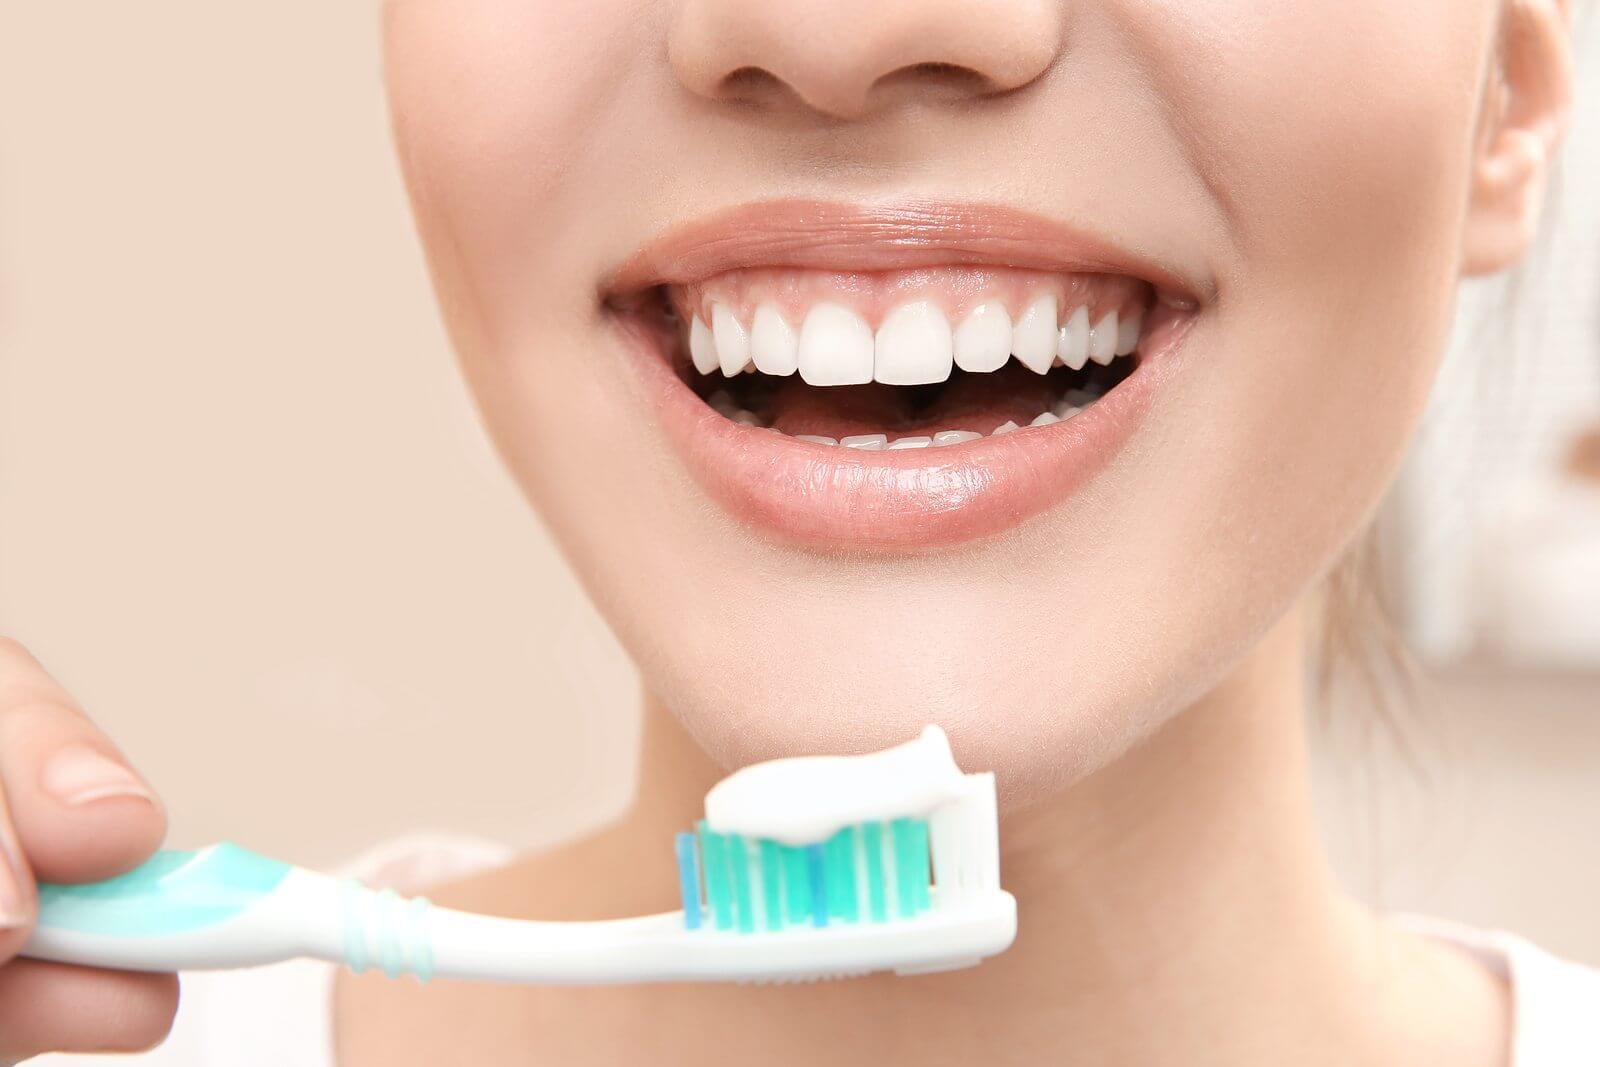 menyra e duhur e larjes se dhembeve, si ti pastroj dhembet ne menyren e duhur, filli dentar